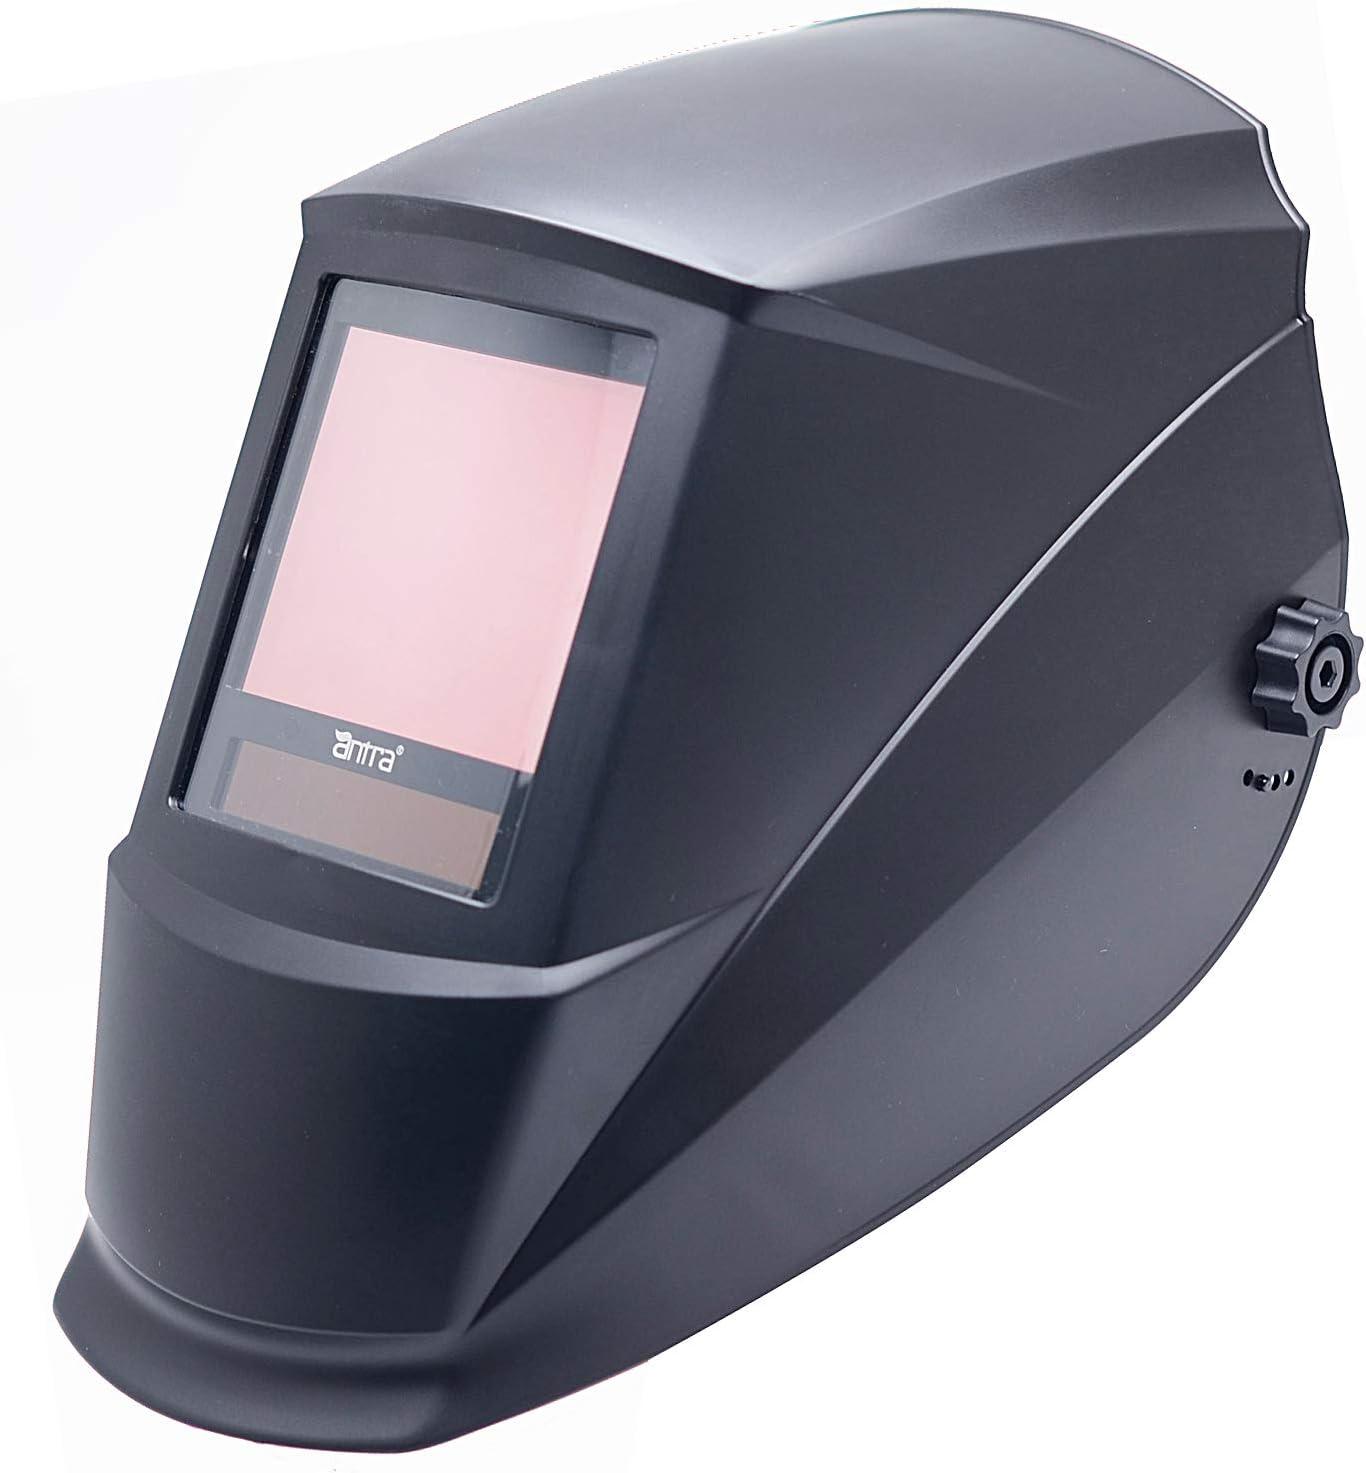 x 3.50 in Solar Power Auto Darkening Welding Helmet with a View Antra 3.76 in